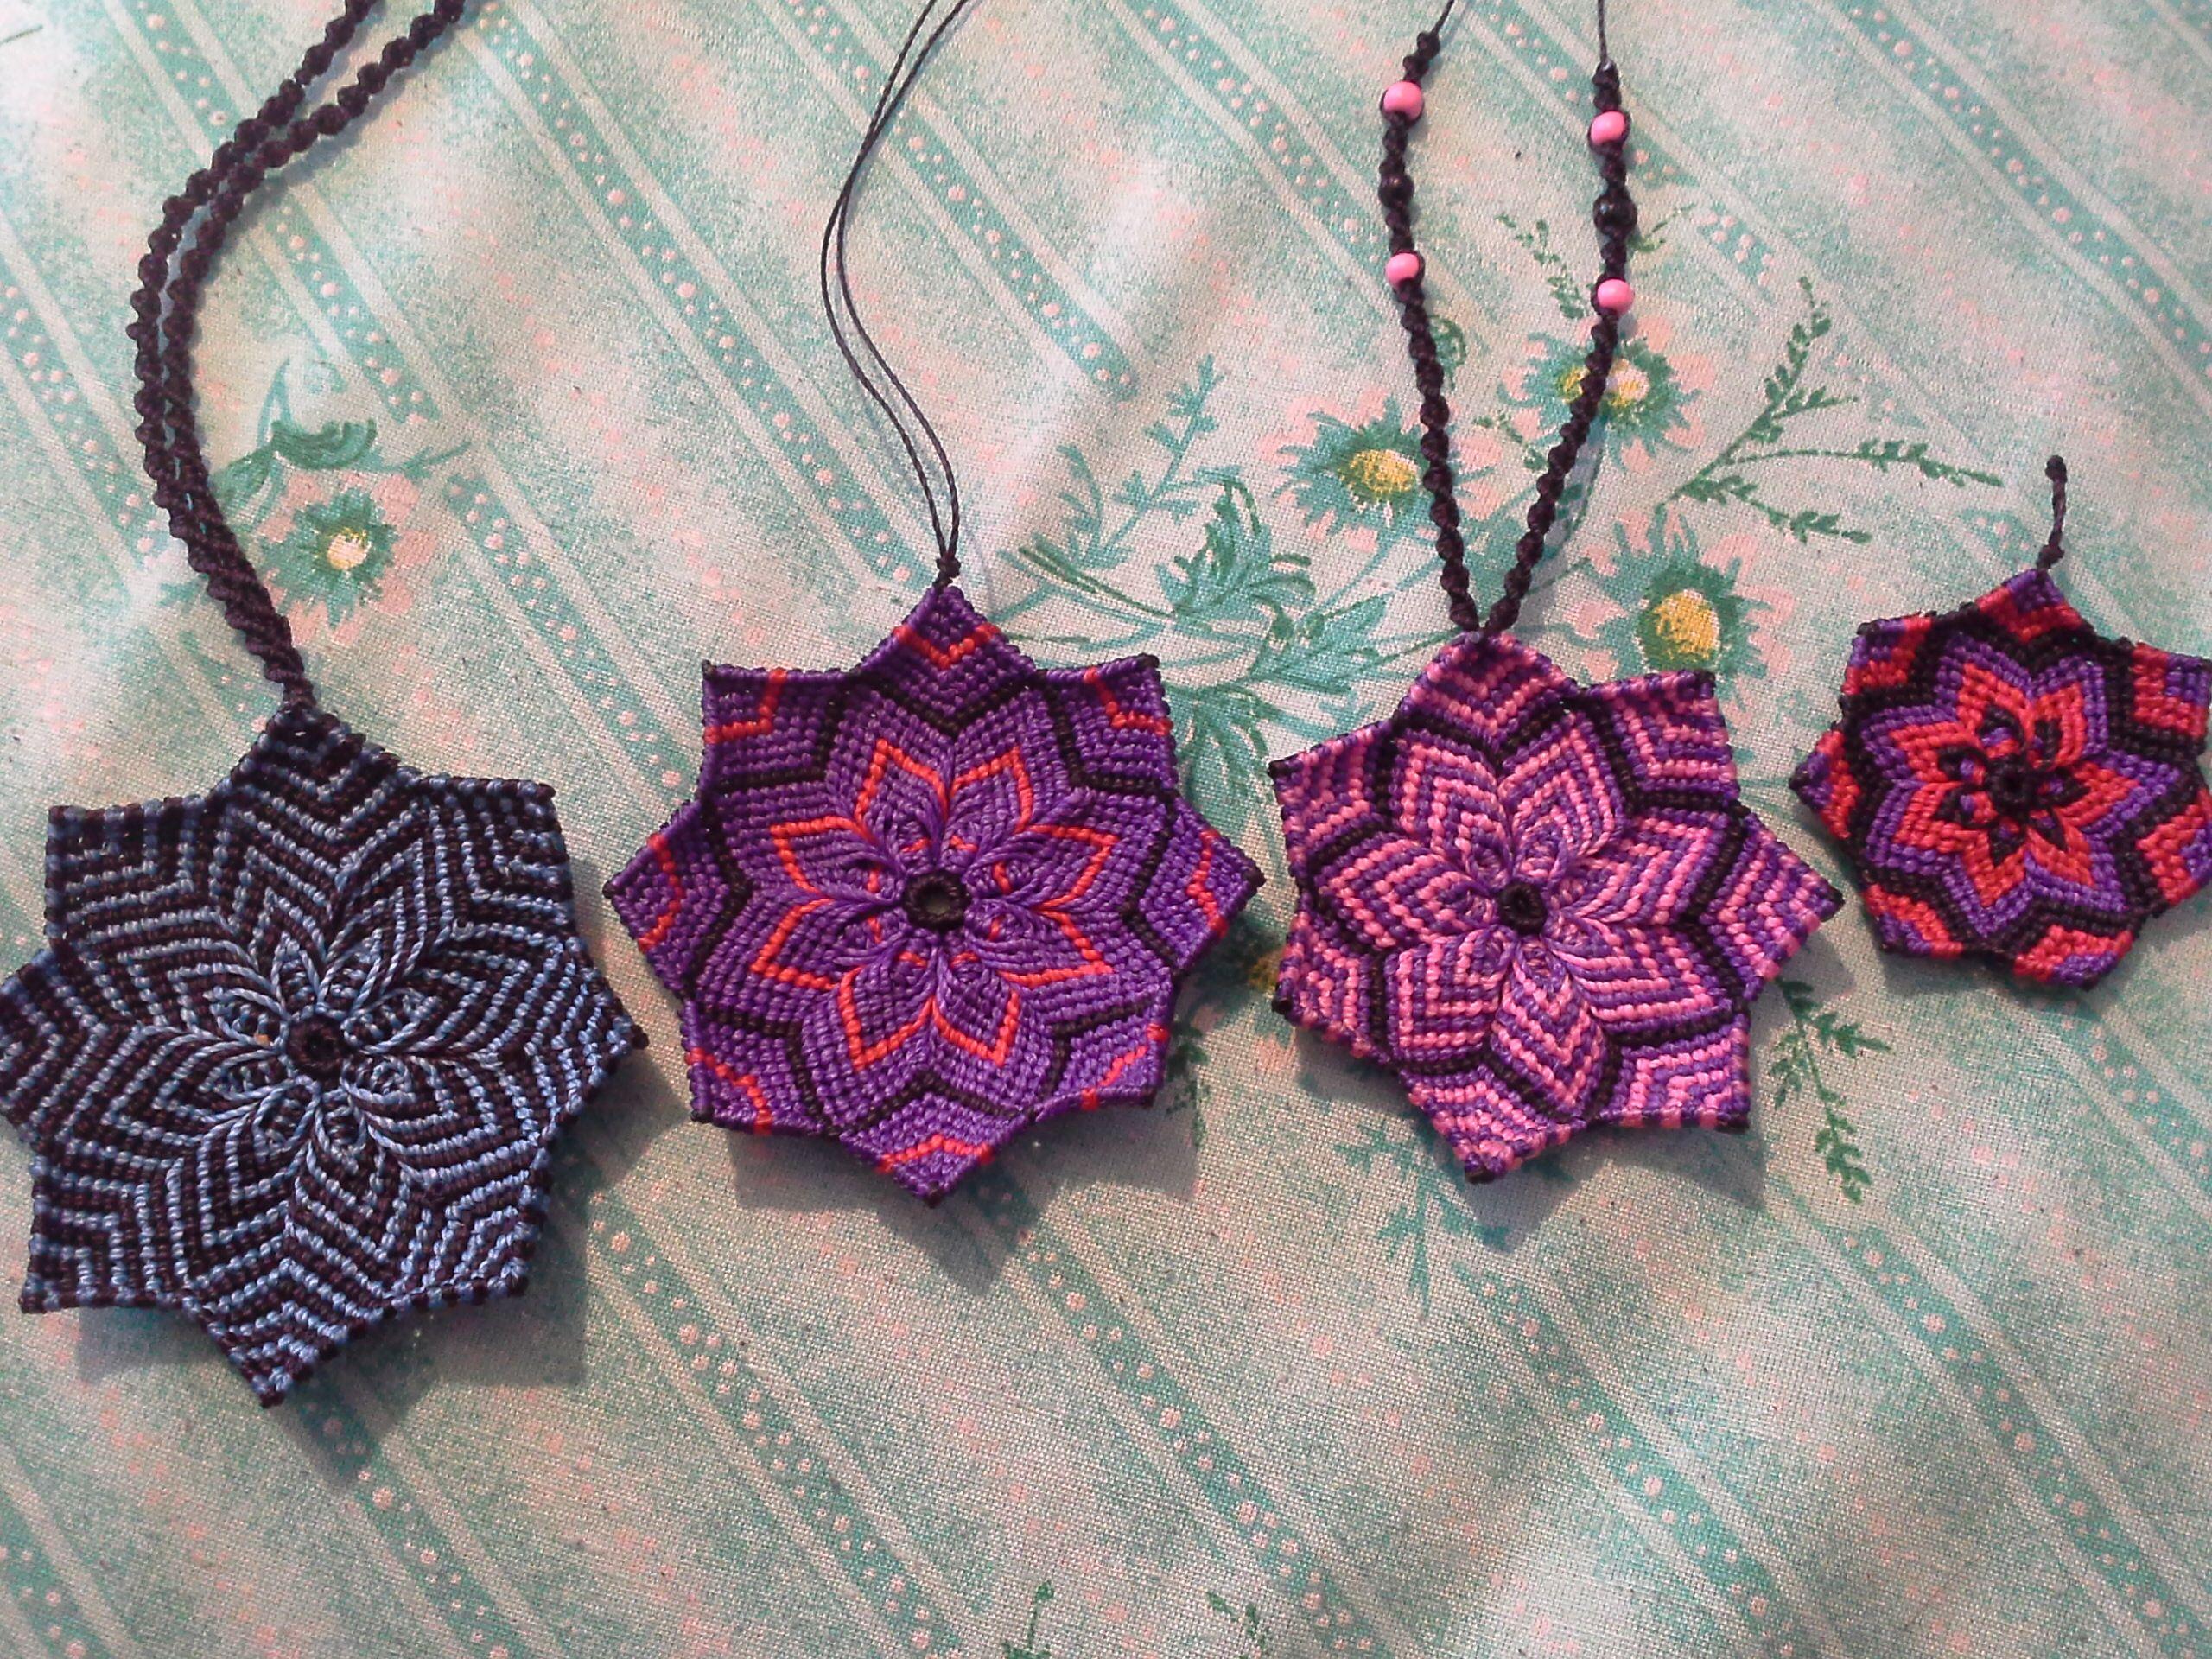 766b59d224ac Collares y llaveros de mandalas en macrame hechos cn hilo encerado  brasileño. Handmade by Duvhaliin